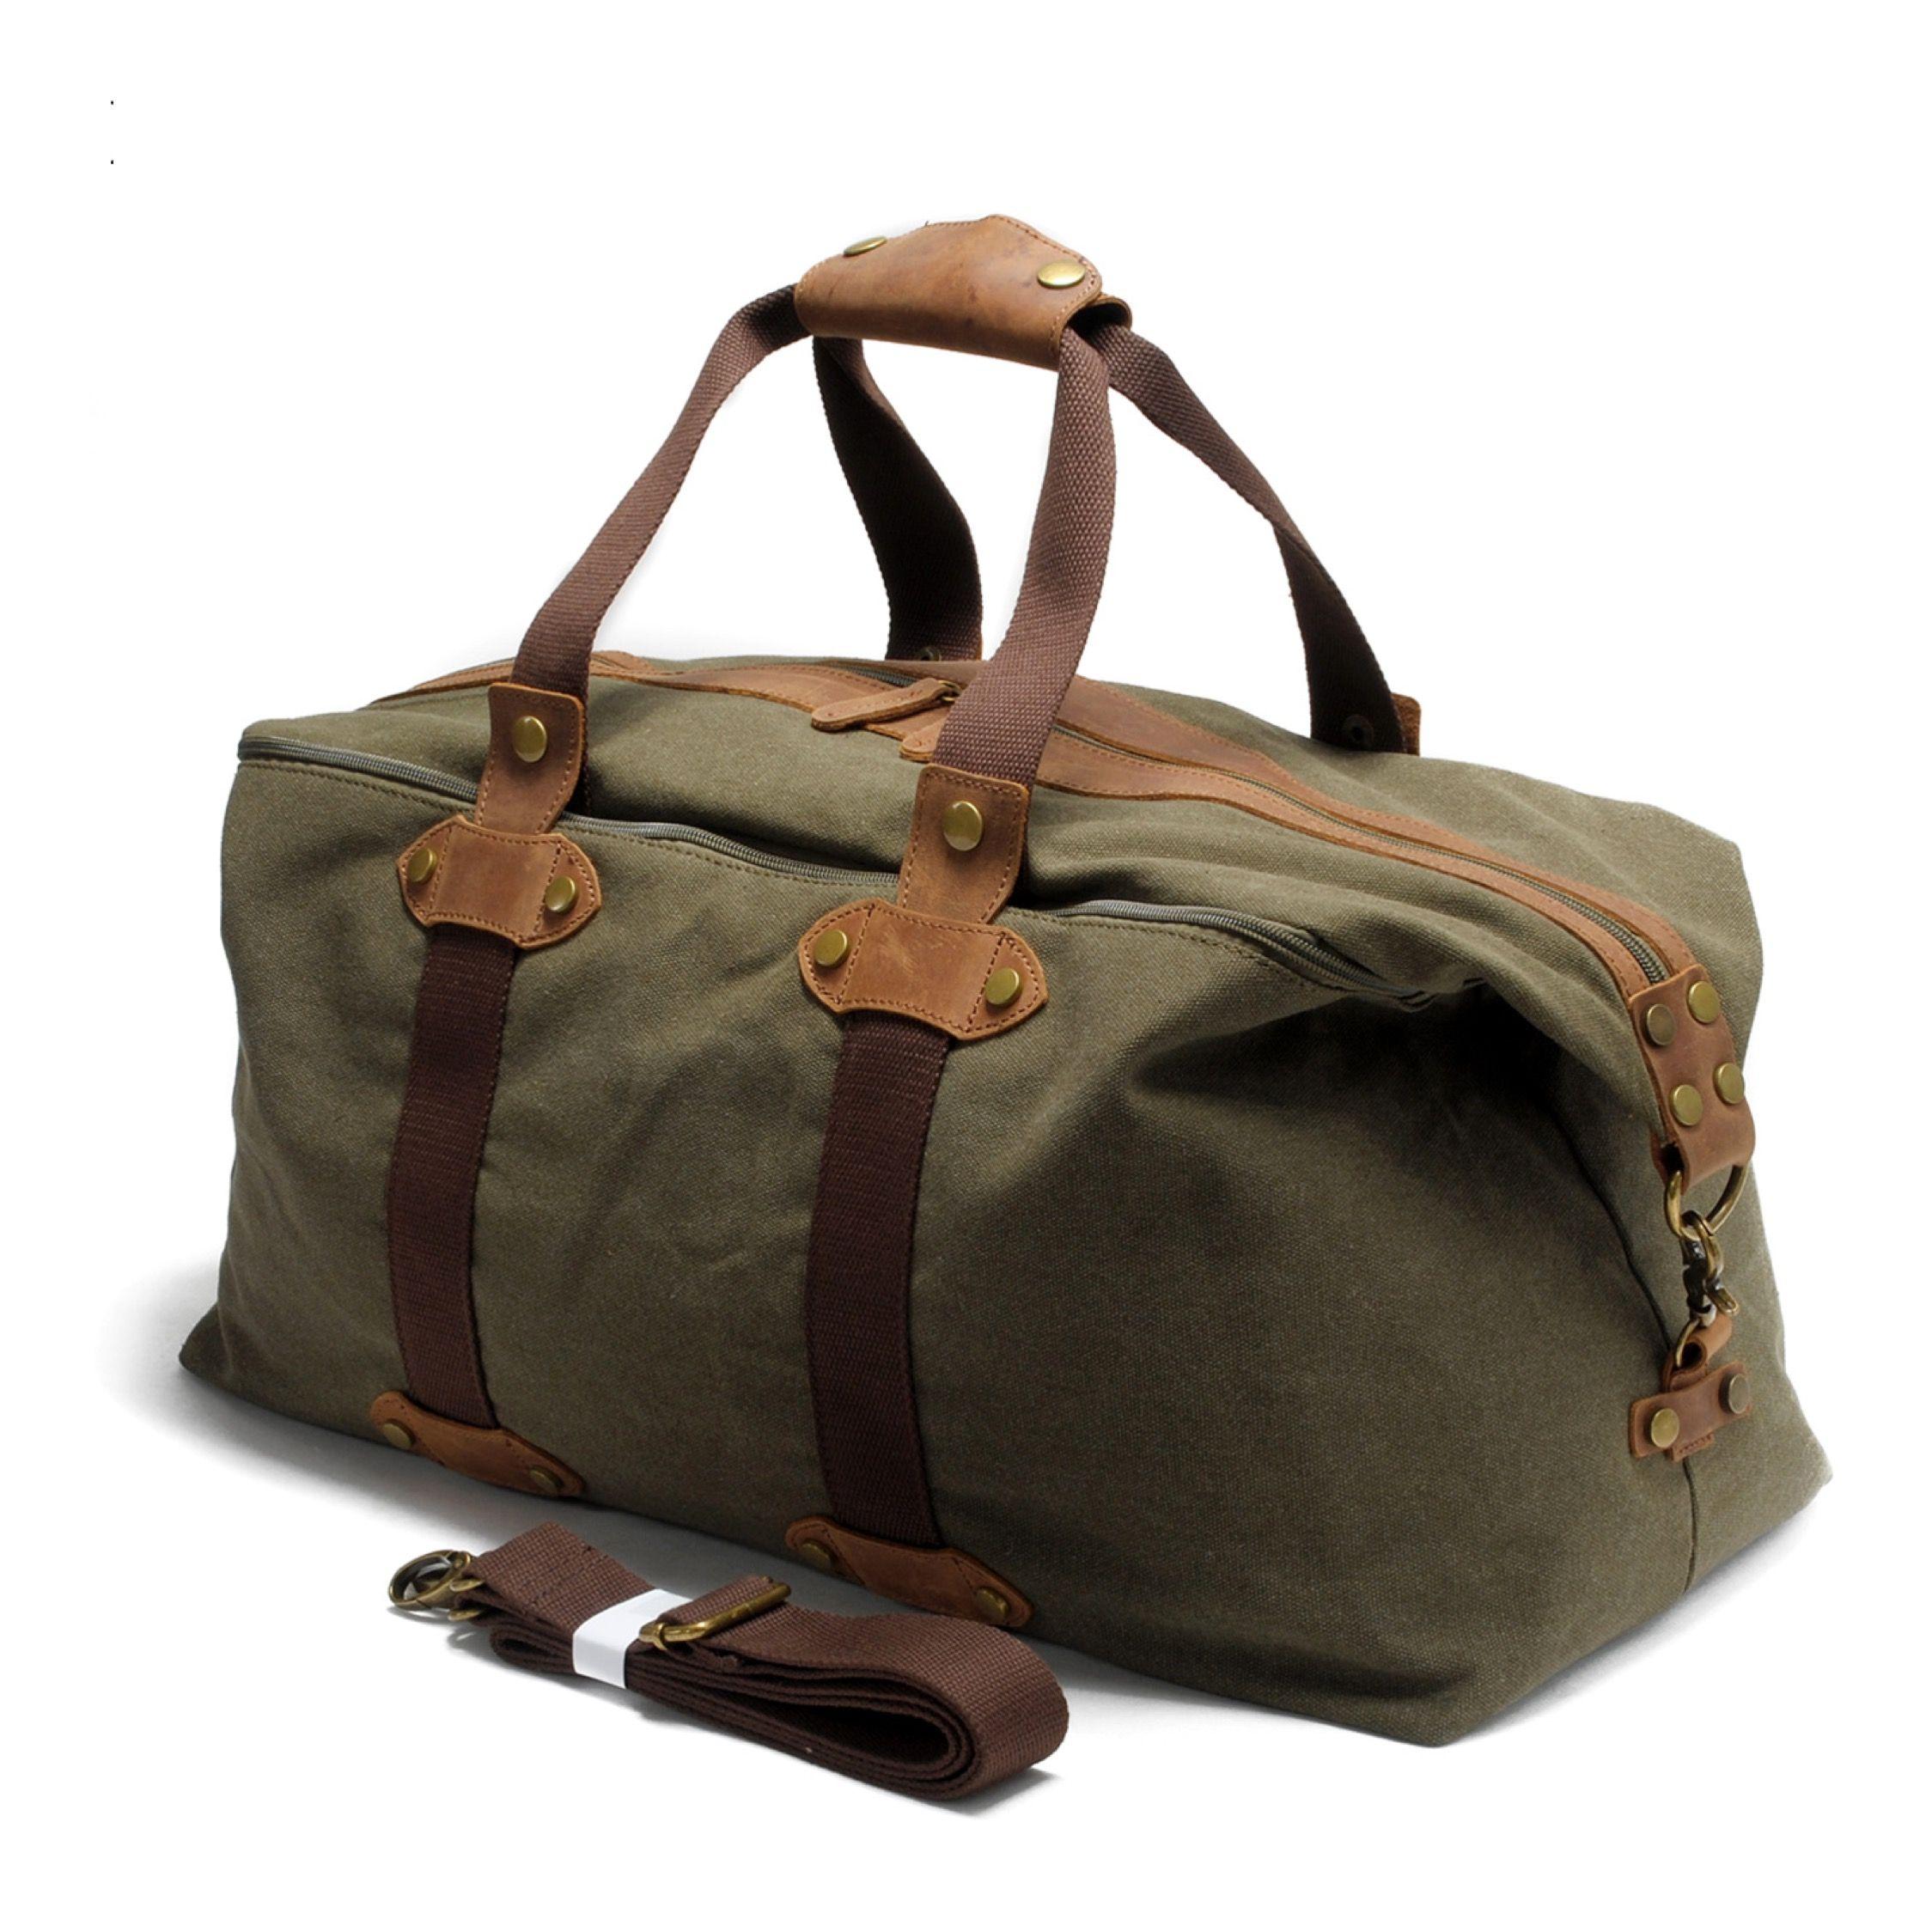 5fe11ad7edef Anders Canvas Duffle Bag - Green | Duffle Bag, Weekenders, Travel ...